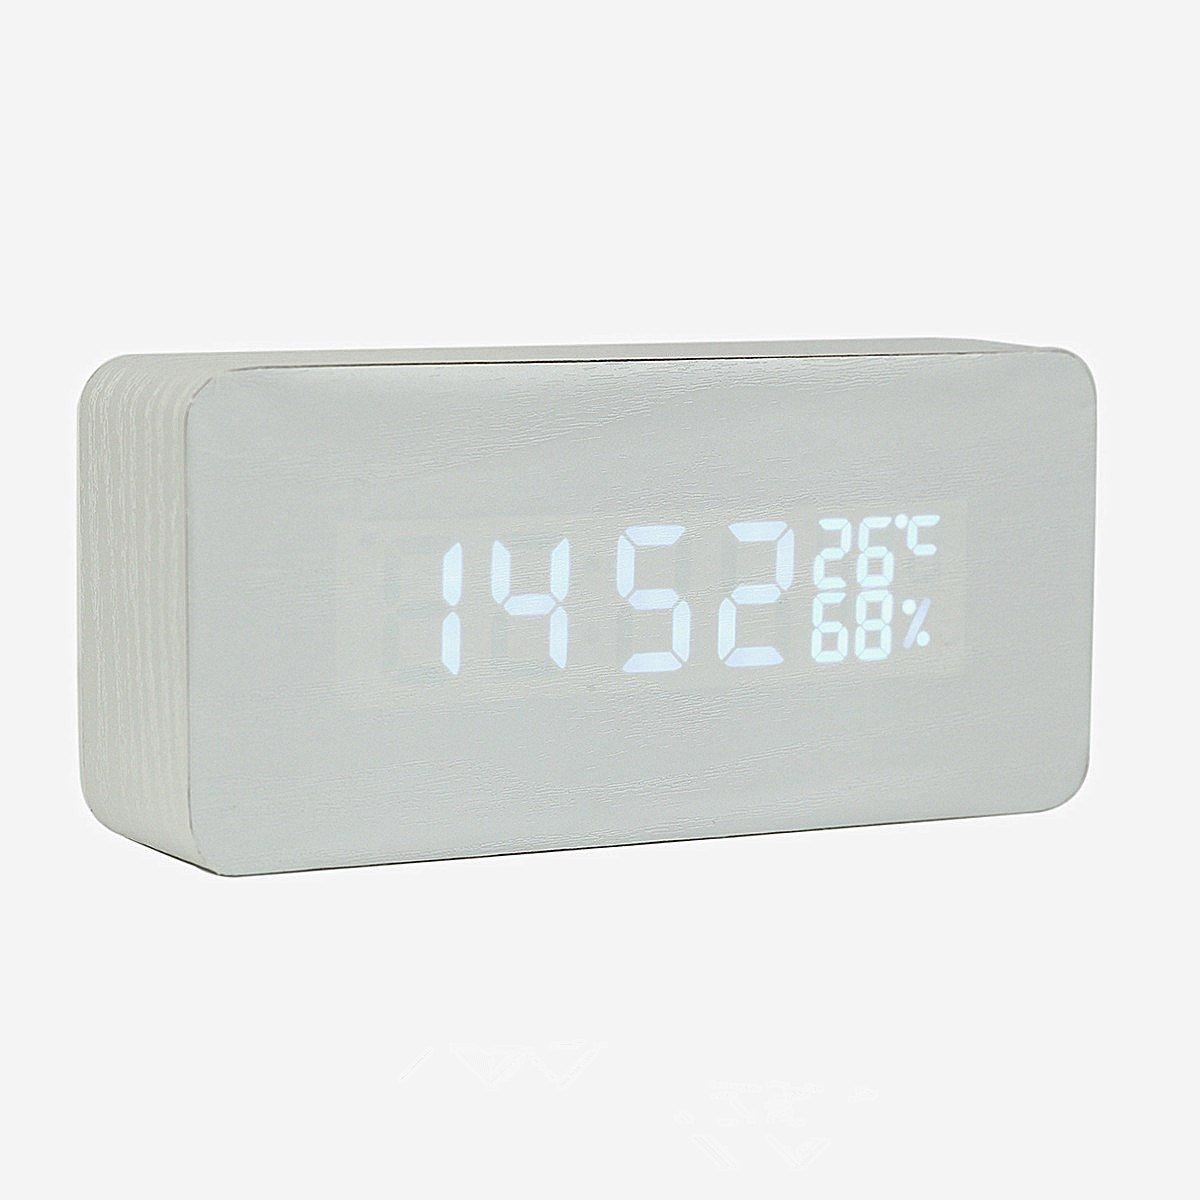 Alarma clcok Home Moderno individuales Alarma estudiantes Madera alarma de botón el dormitorio de escalera de